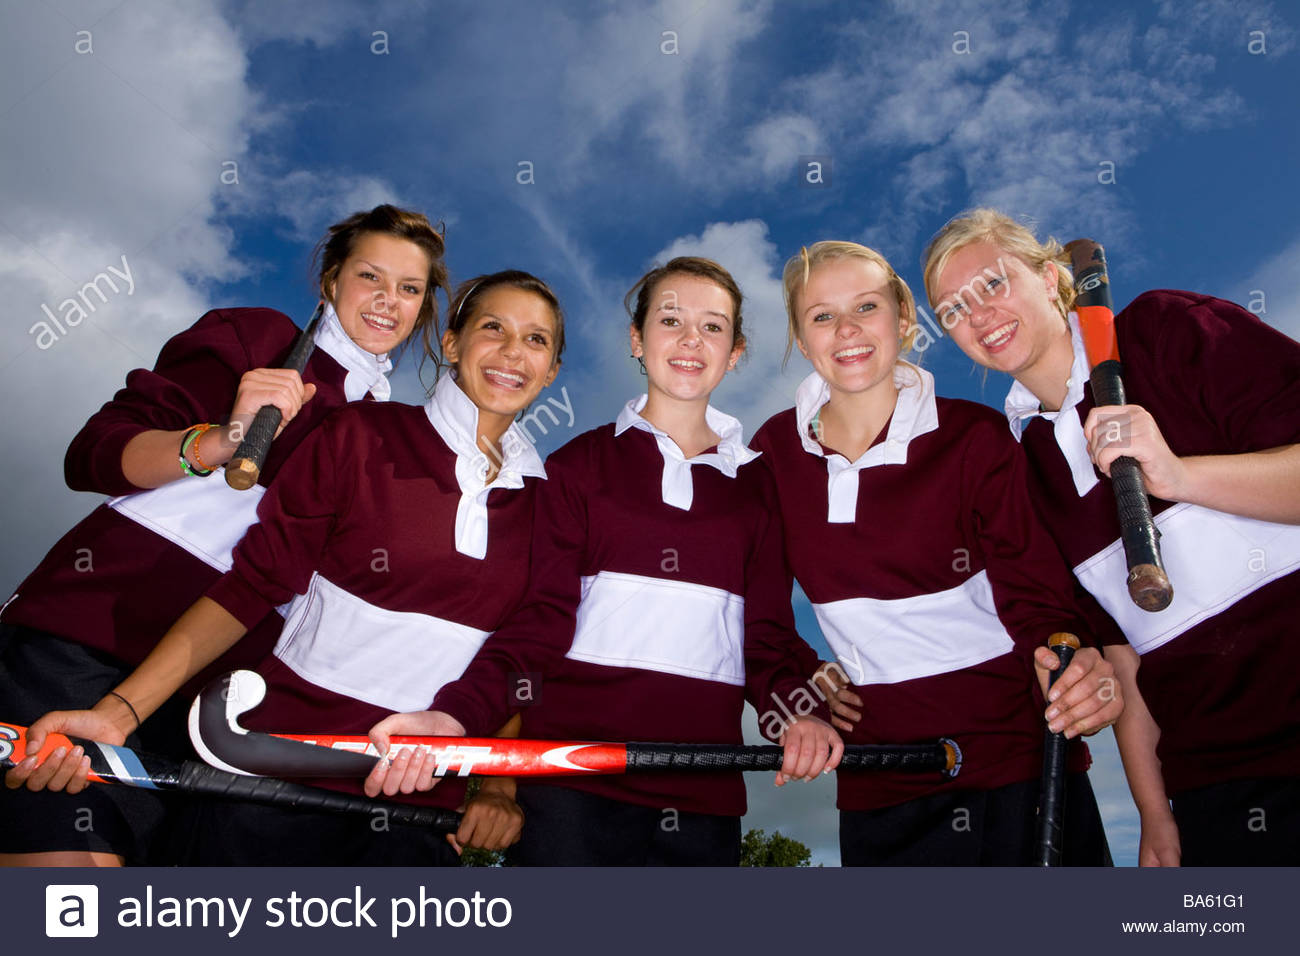 Retrato de adolescentes sonriente sosteniendo palos de hockey de campo Imagen De Stock